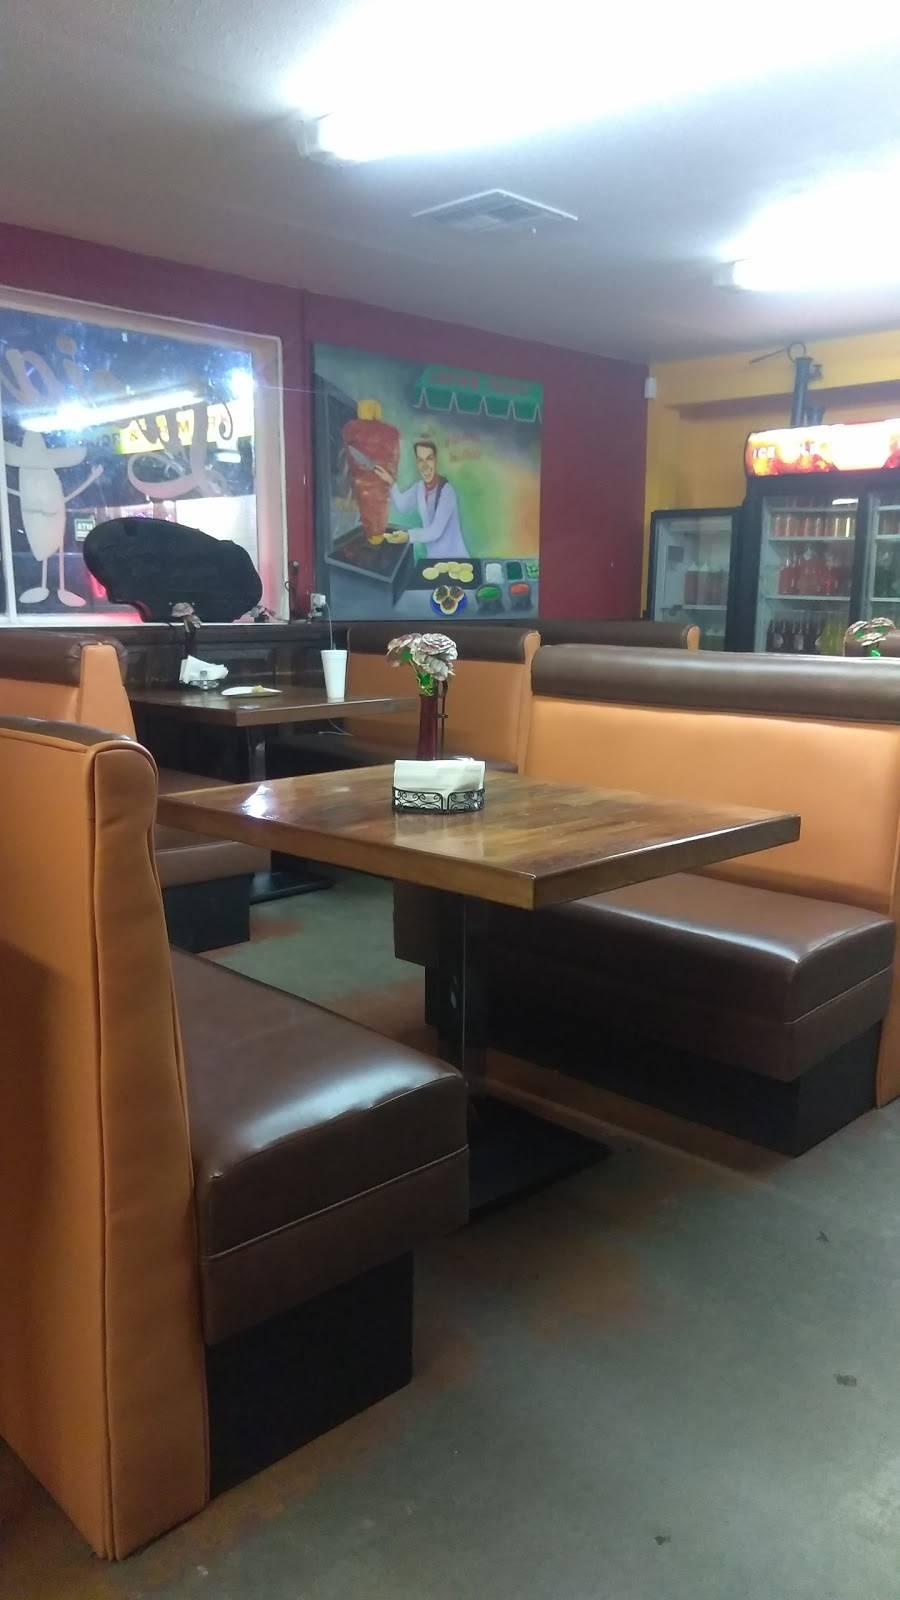 Lucias tacos | restaurant | 4811 Azusa Canyon Rd, Baldwin Park, CA 91706, USA | 6263388748 OR +1 626-338-8748